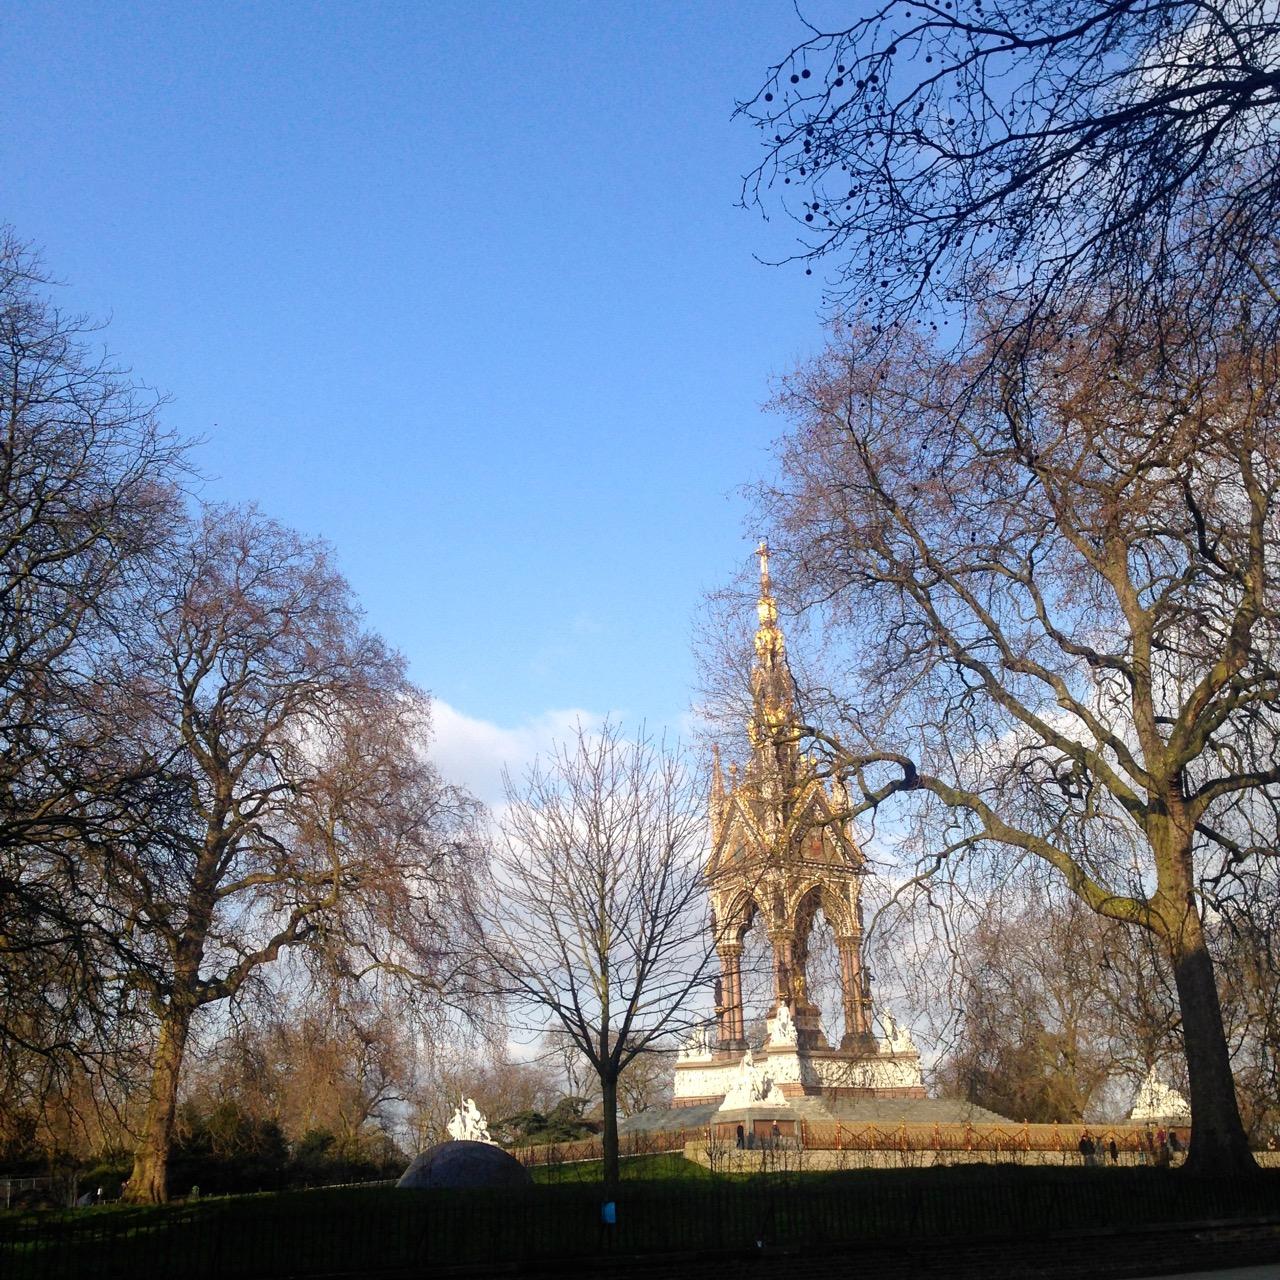 Dei um passeio pelo Hyde park...